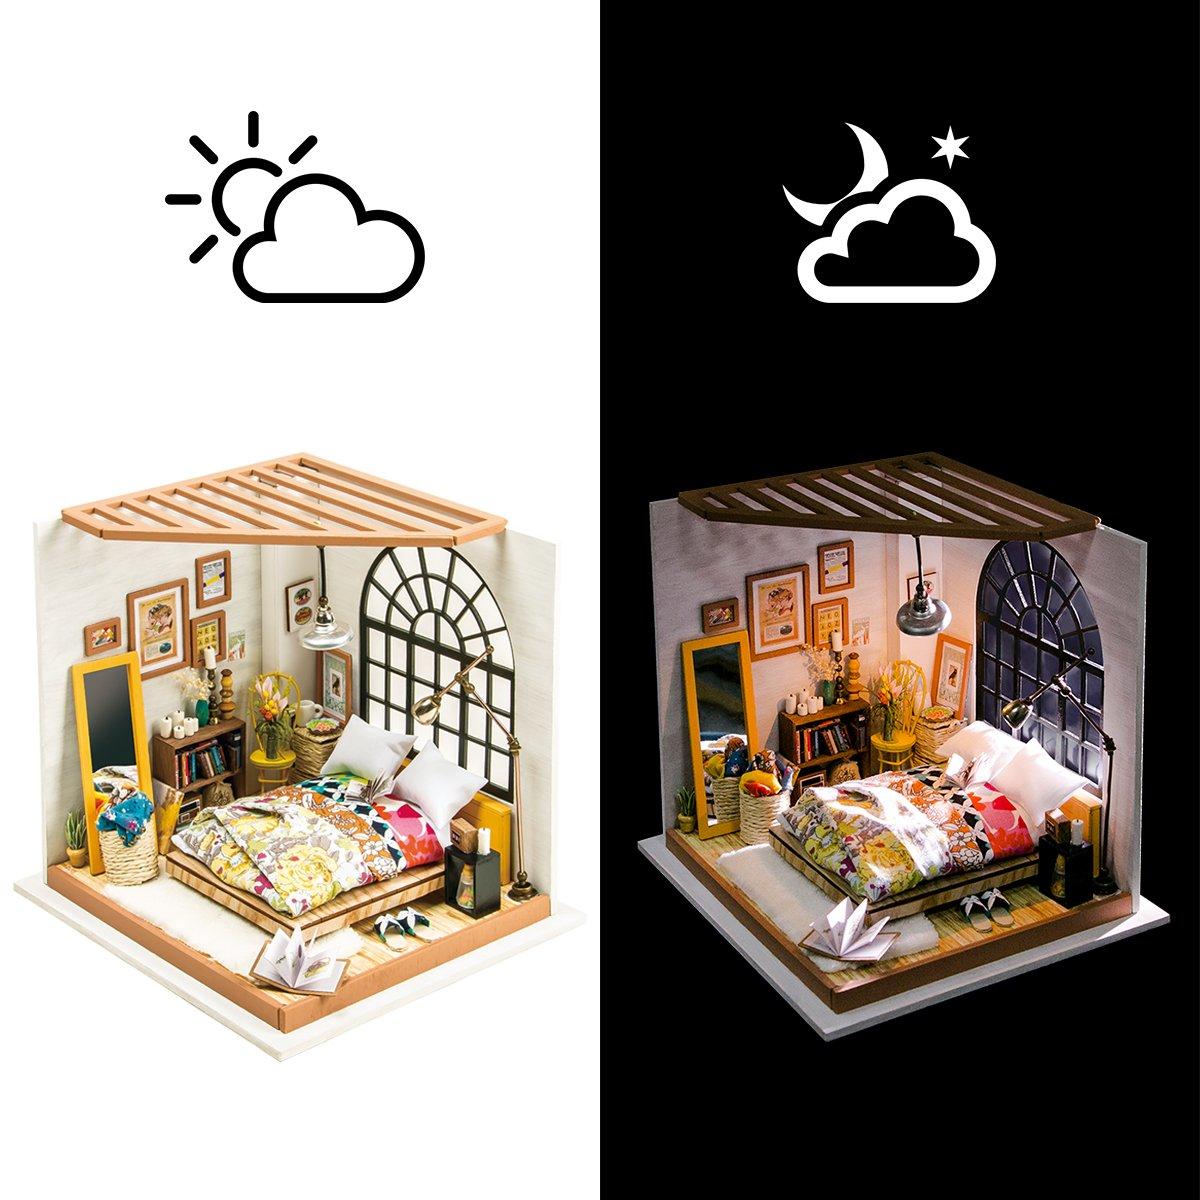 Robotime Dollhouse Kit R/énovation de meubles Woodcraft Kit de Construction Mini Maison de Bricolage /à la Main Avec Lumi/ères et Accessoires Miniature Home Decor D/écor de No/ël Bedroom